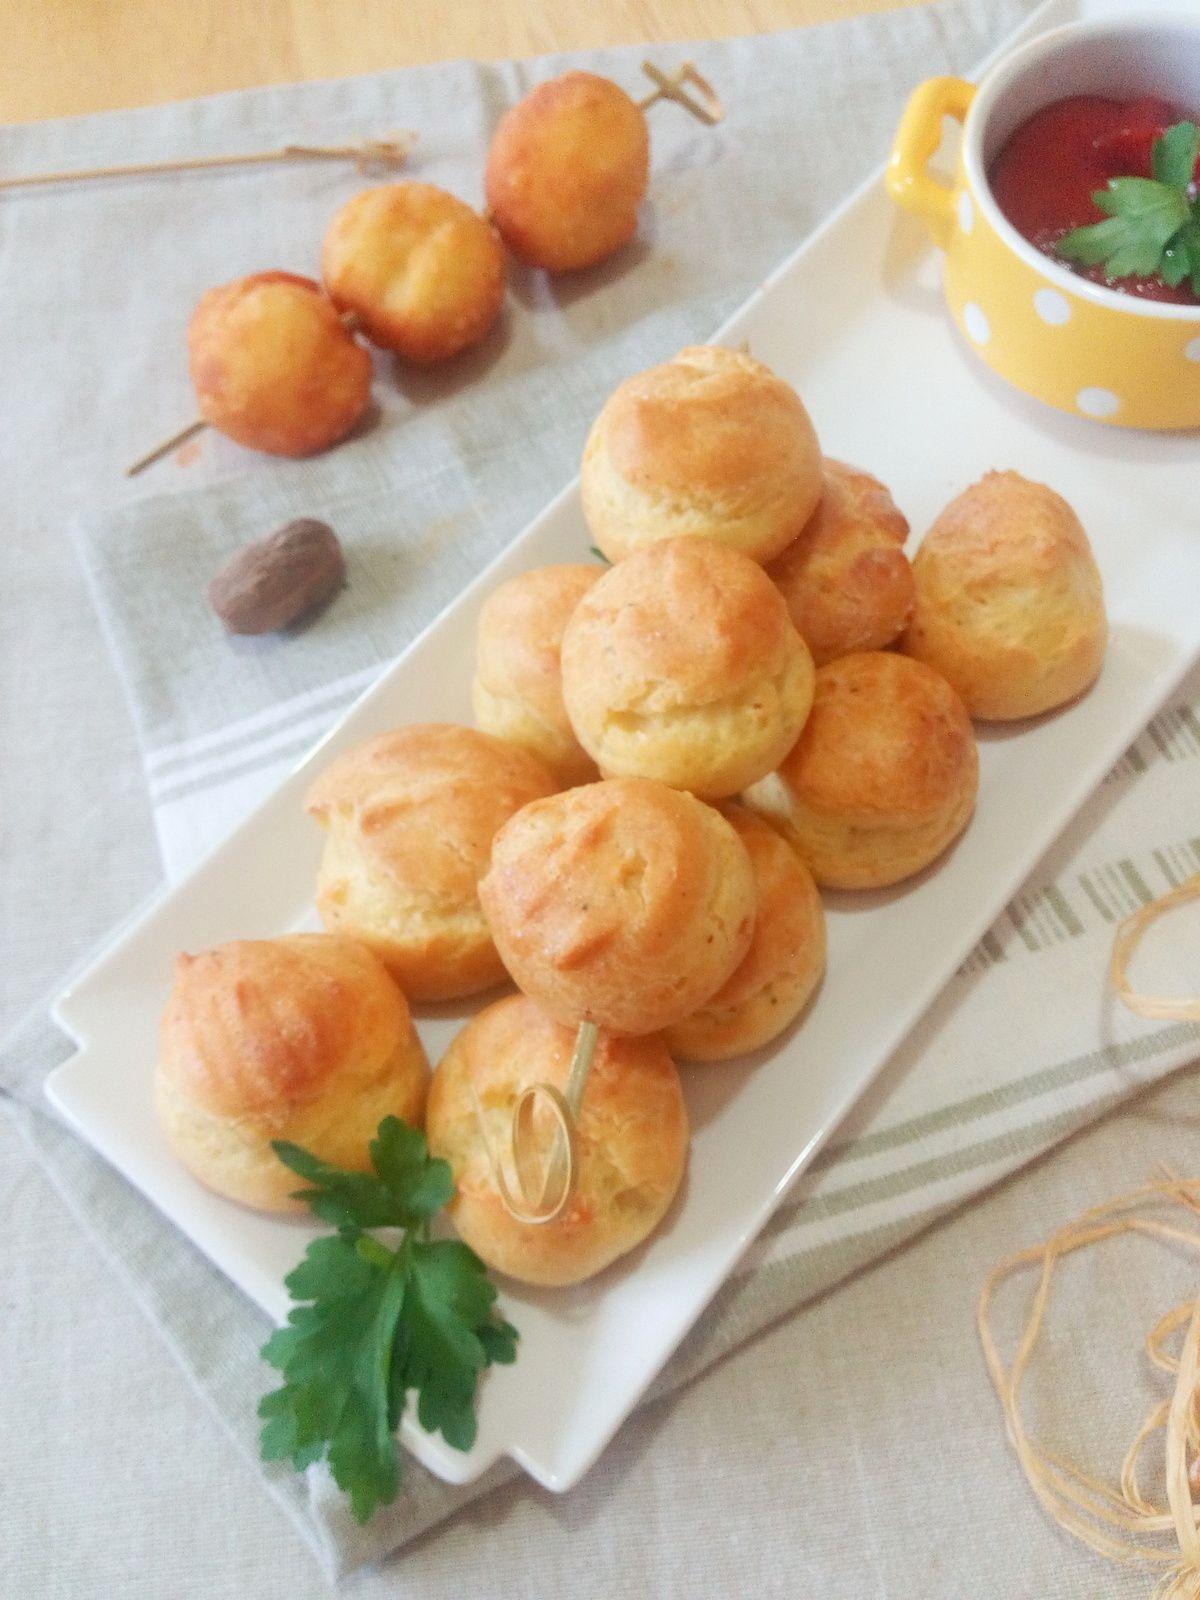 Pomme dauphine au four à la noix de muscade et poivre balnc